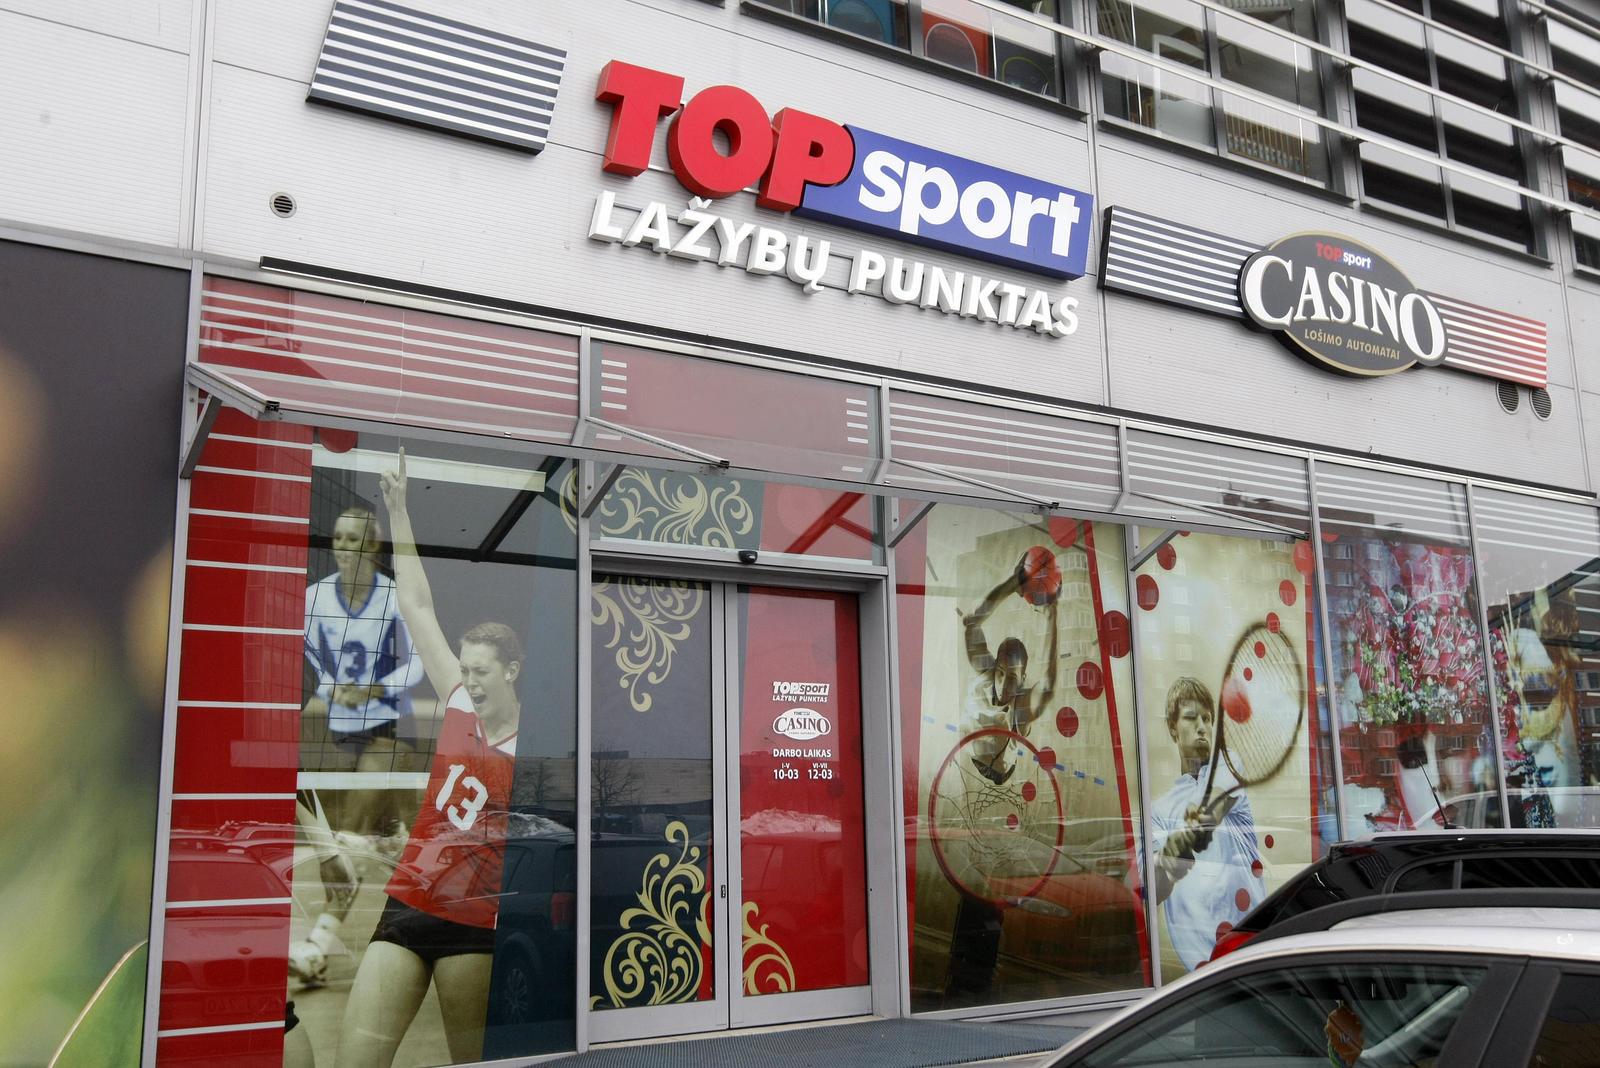 Dvejetainių galimybių lošimų veikla Azartinių lošimų prekybininkai brokeriai